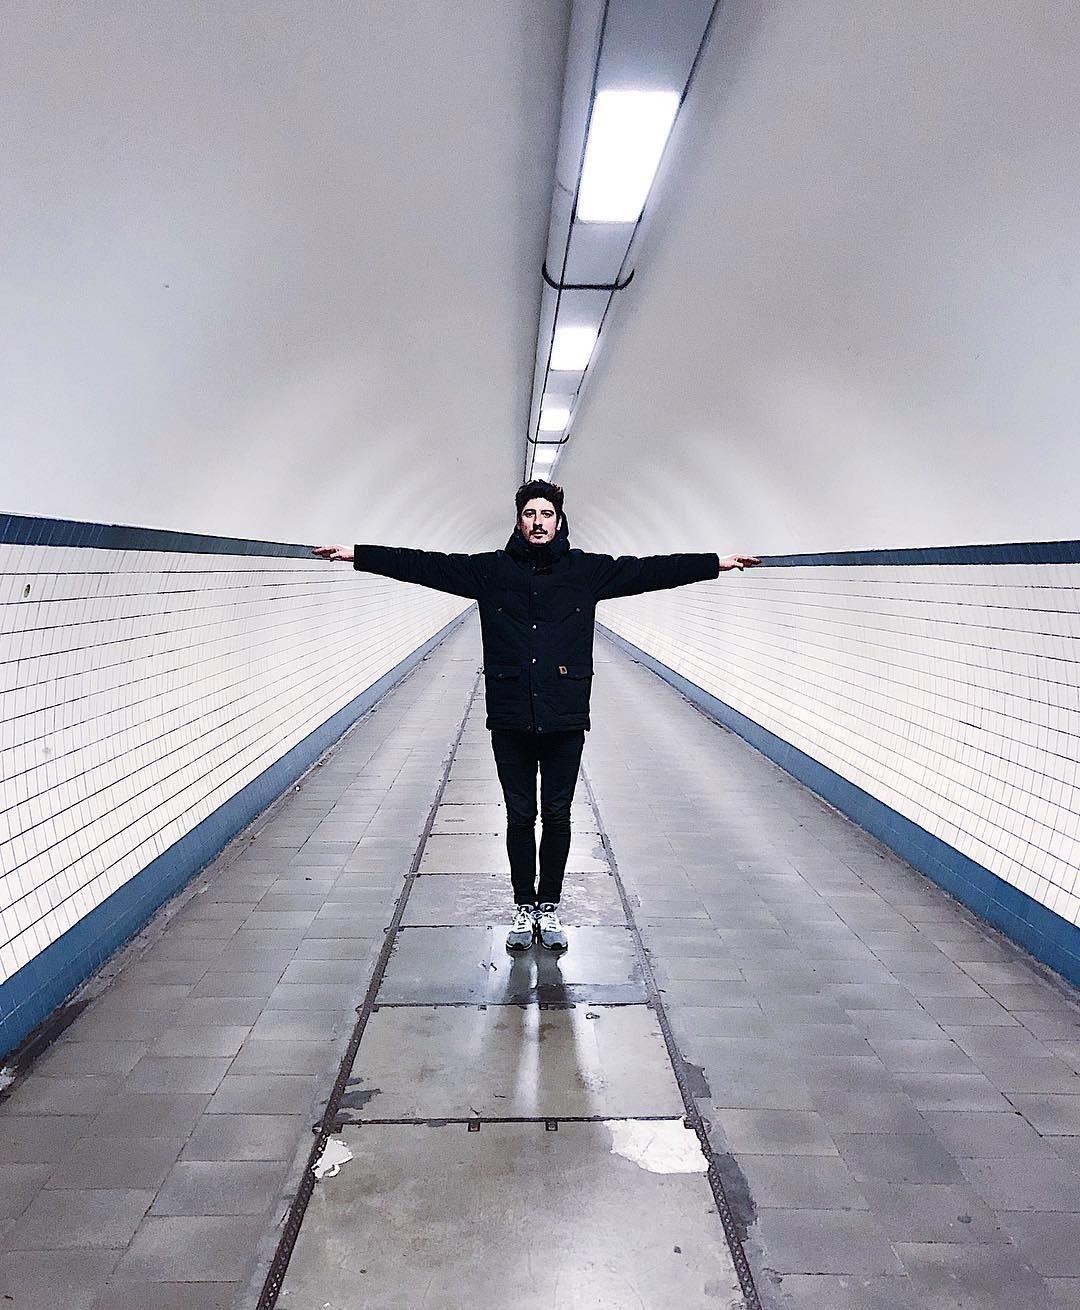 «Удлинённый человек». Туннель Святой Анны под рекой Шельдой в Антверпене. Автор Тиаго Силва